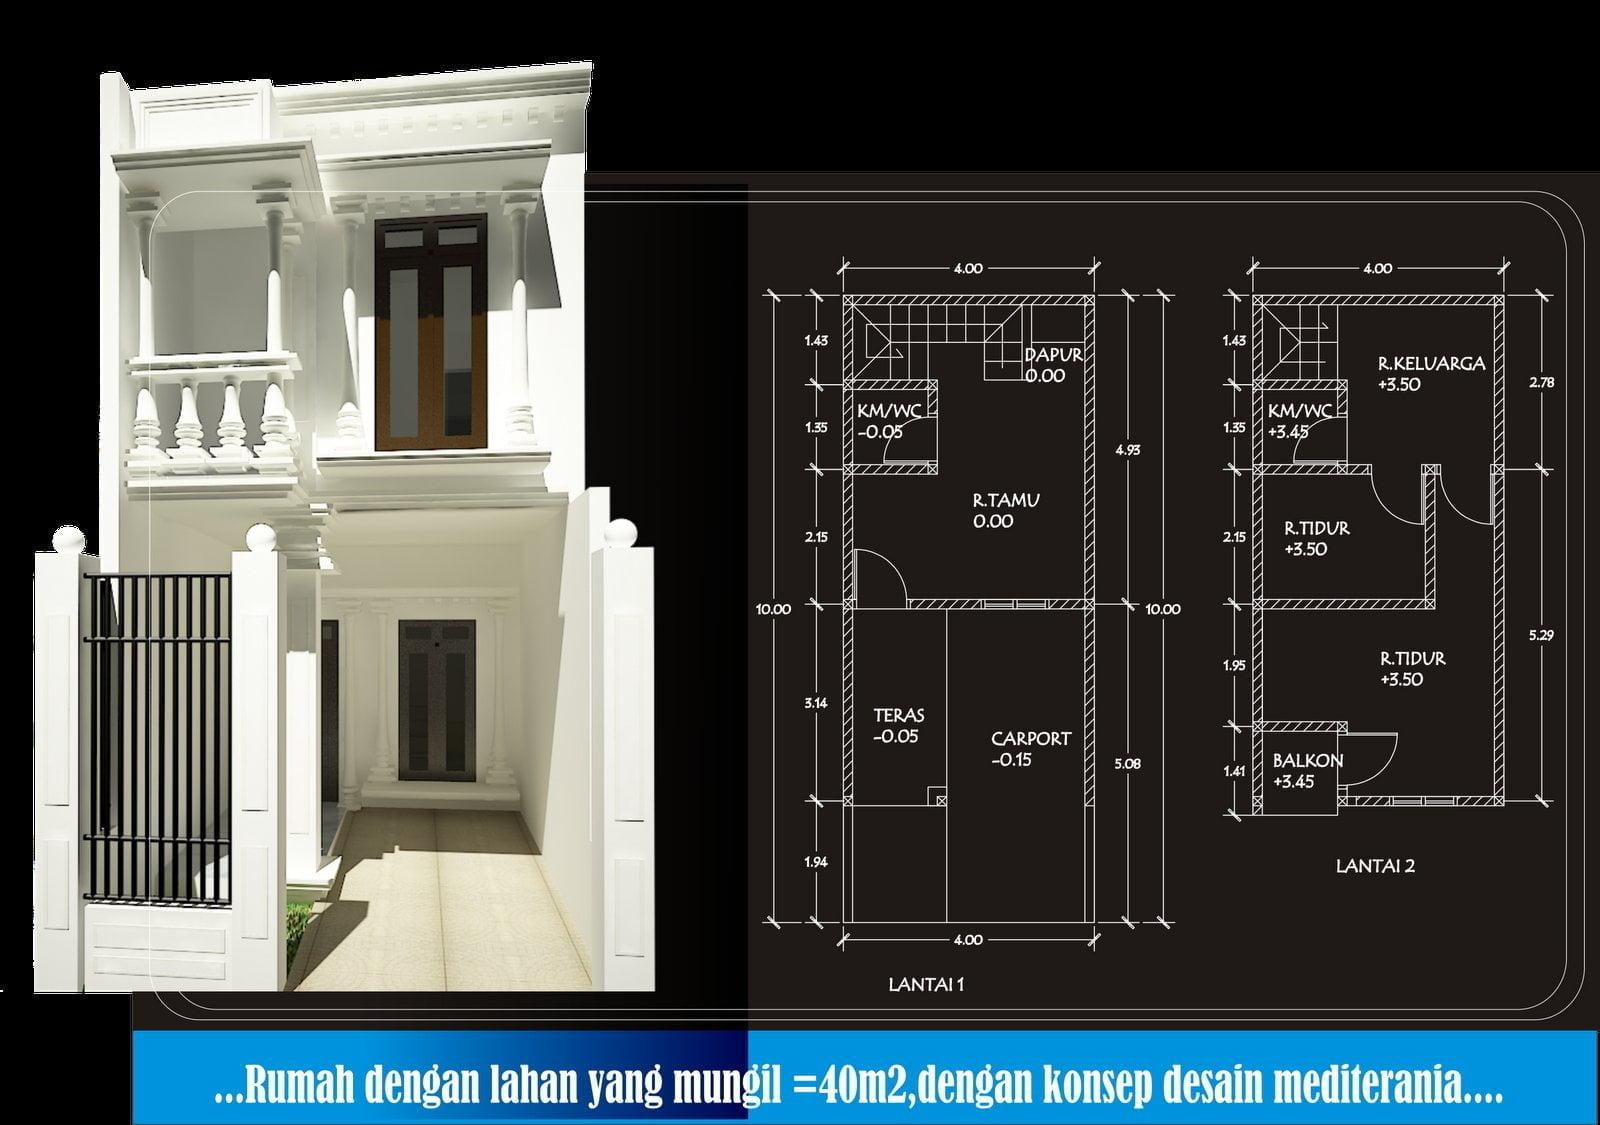 71 Gambar Desain Rumah Minimalis 2 Lantai Lebar 3 Meter Paling Populer Di Dunia Deagam Design